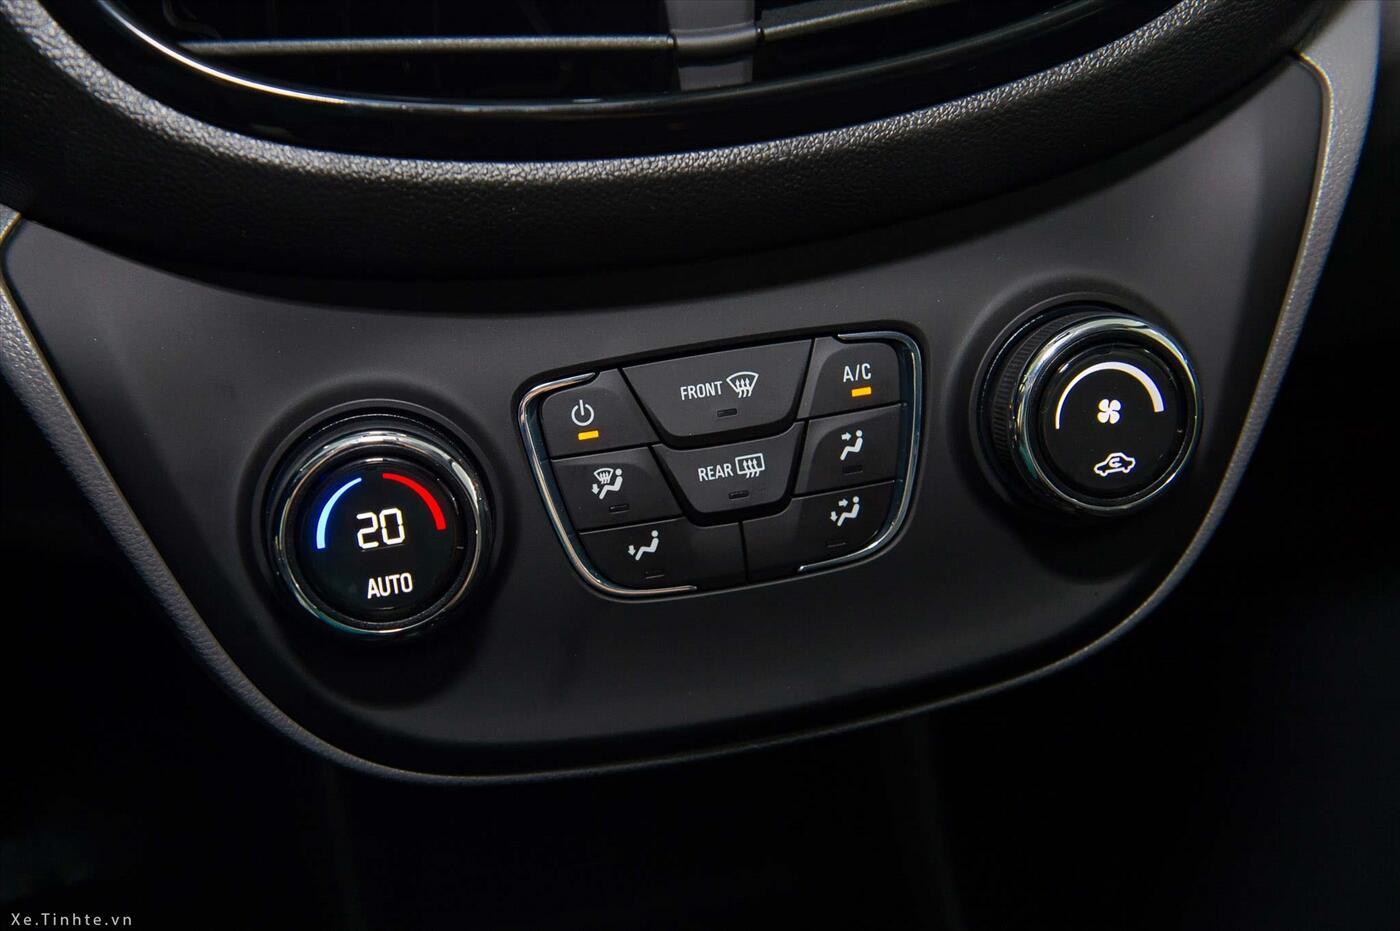 VinFast Fadil Hatchback 1.4L AT Phiên Bản Tiêu Chuẩn (Máy xăng) - Hình 21